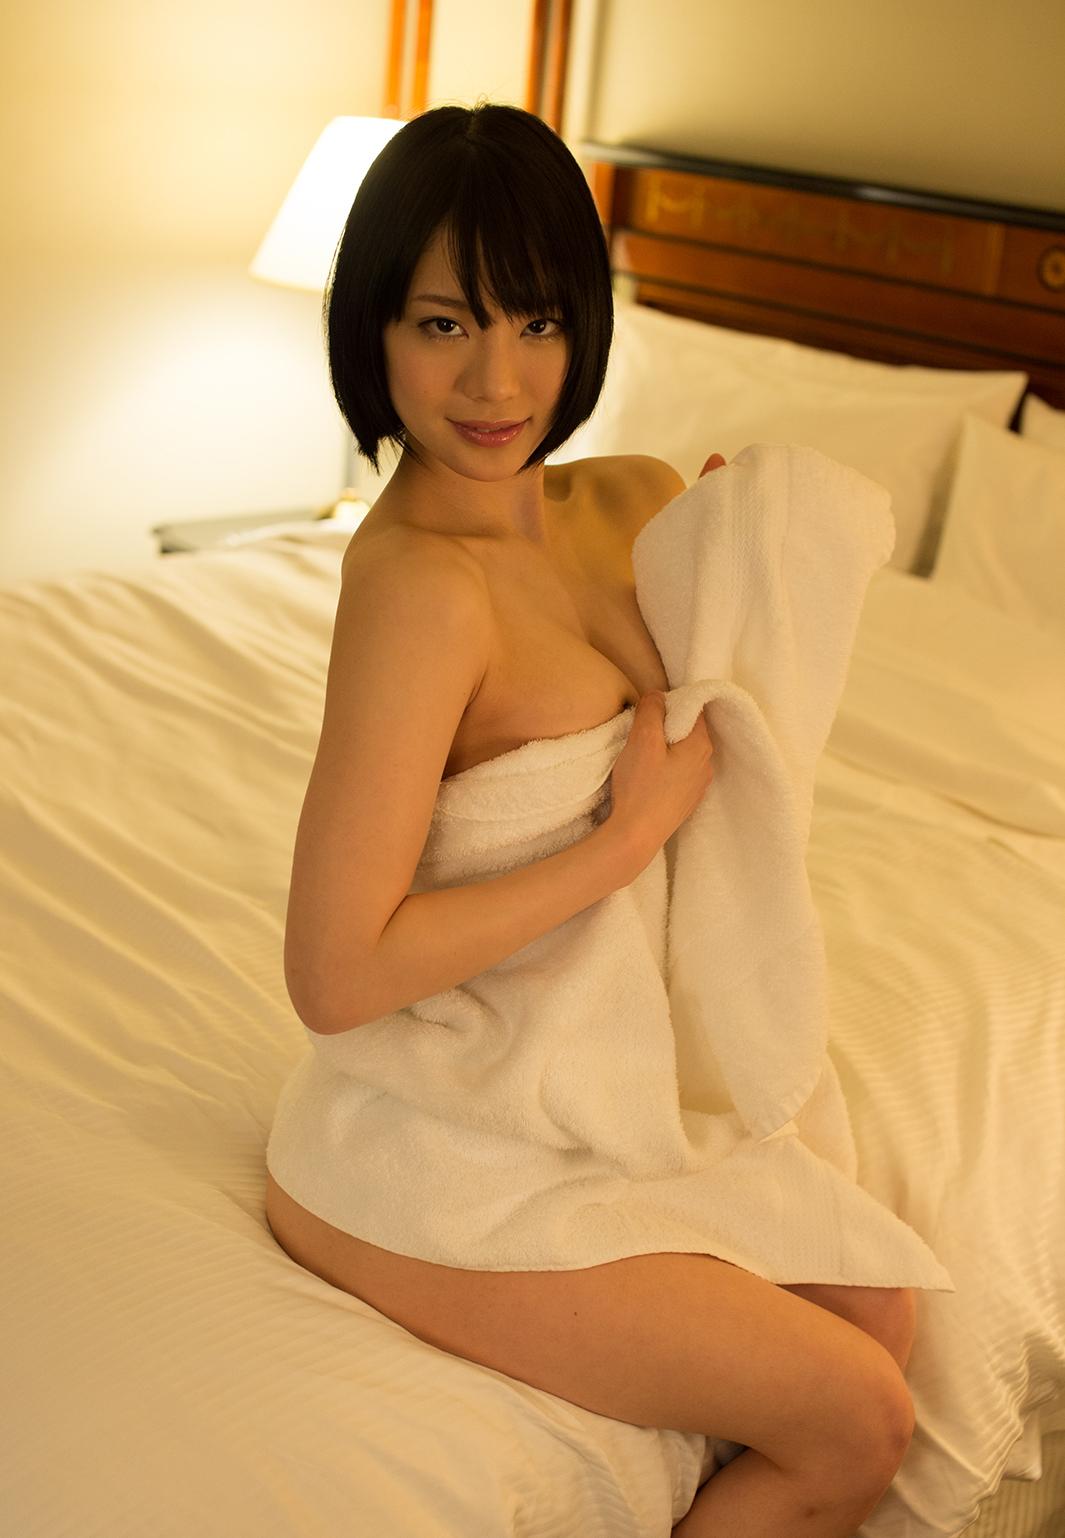 鈴村あいり 画像 49